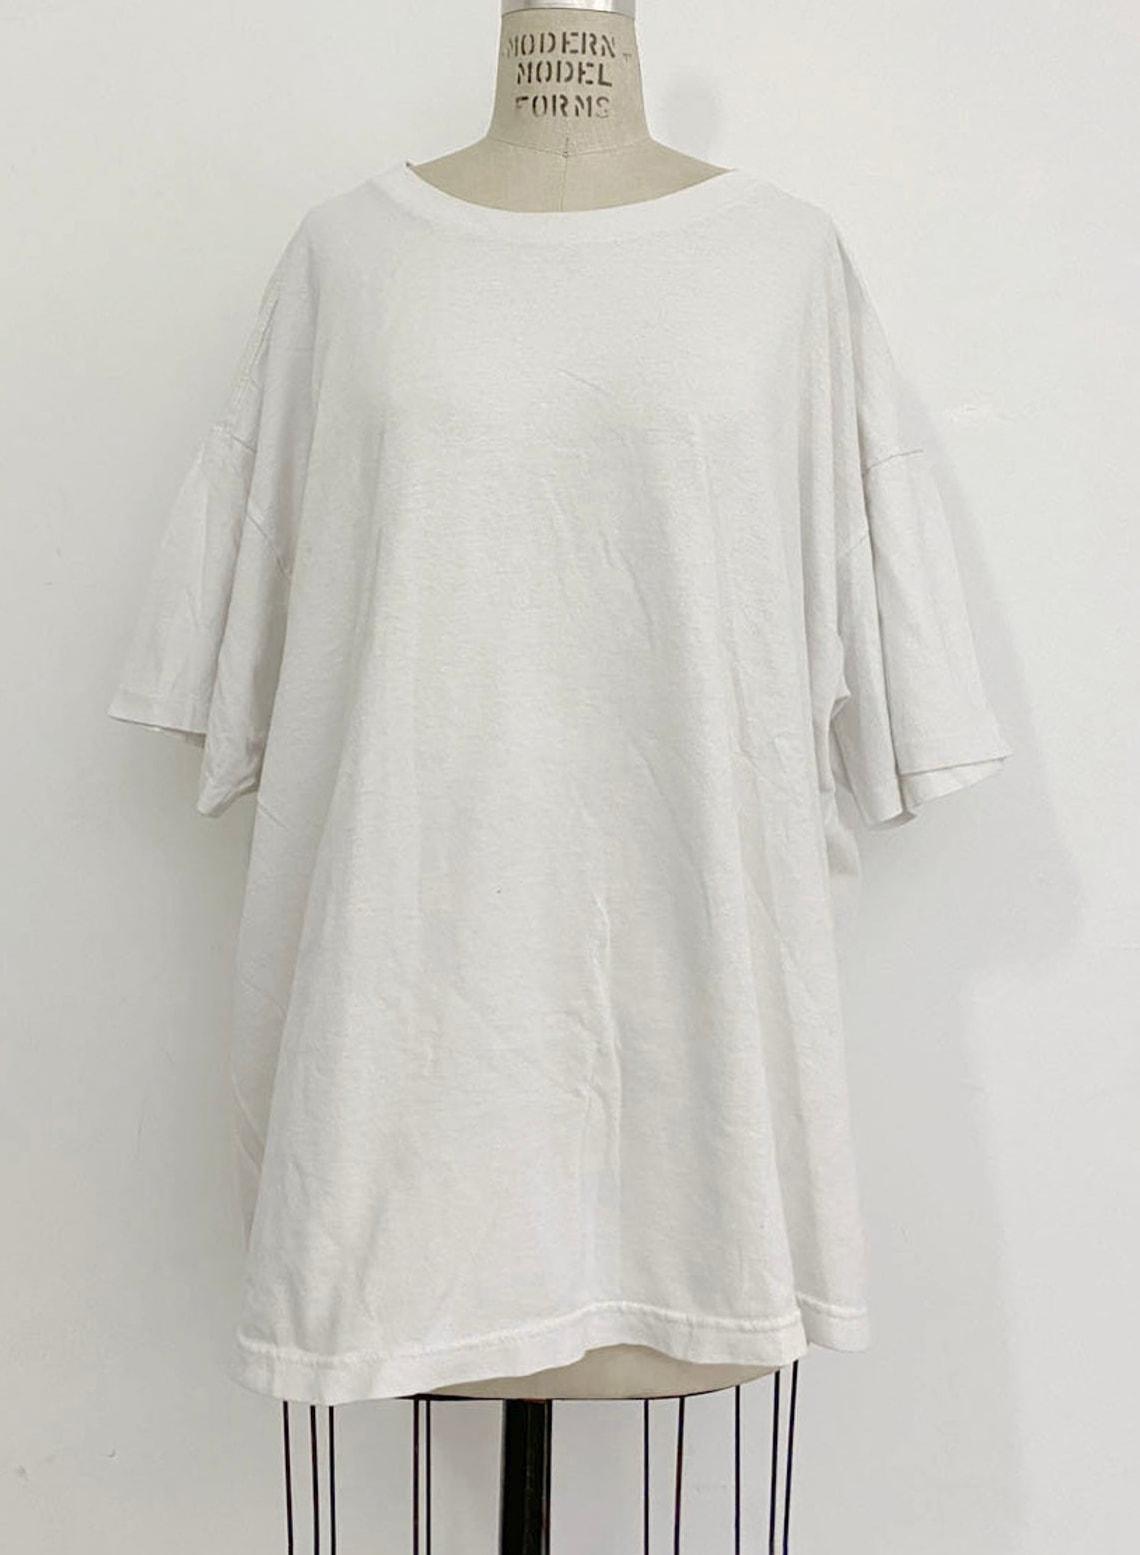 90s Vintage UMEN Blank White Wide T-shirt